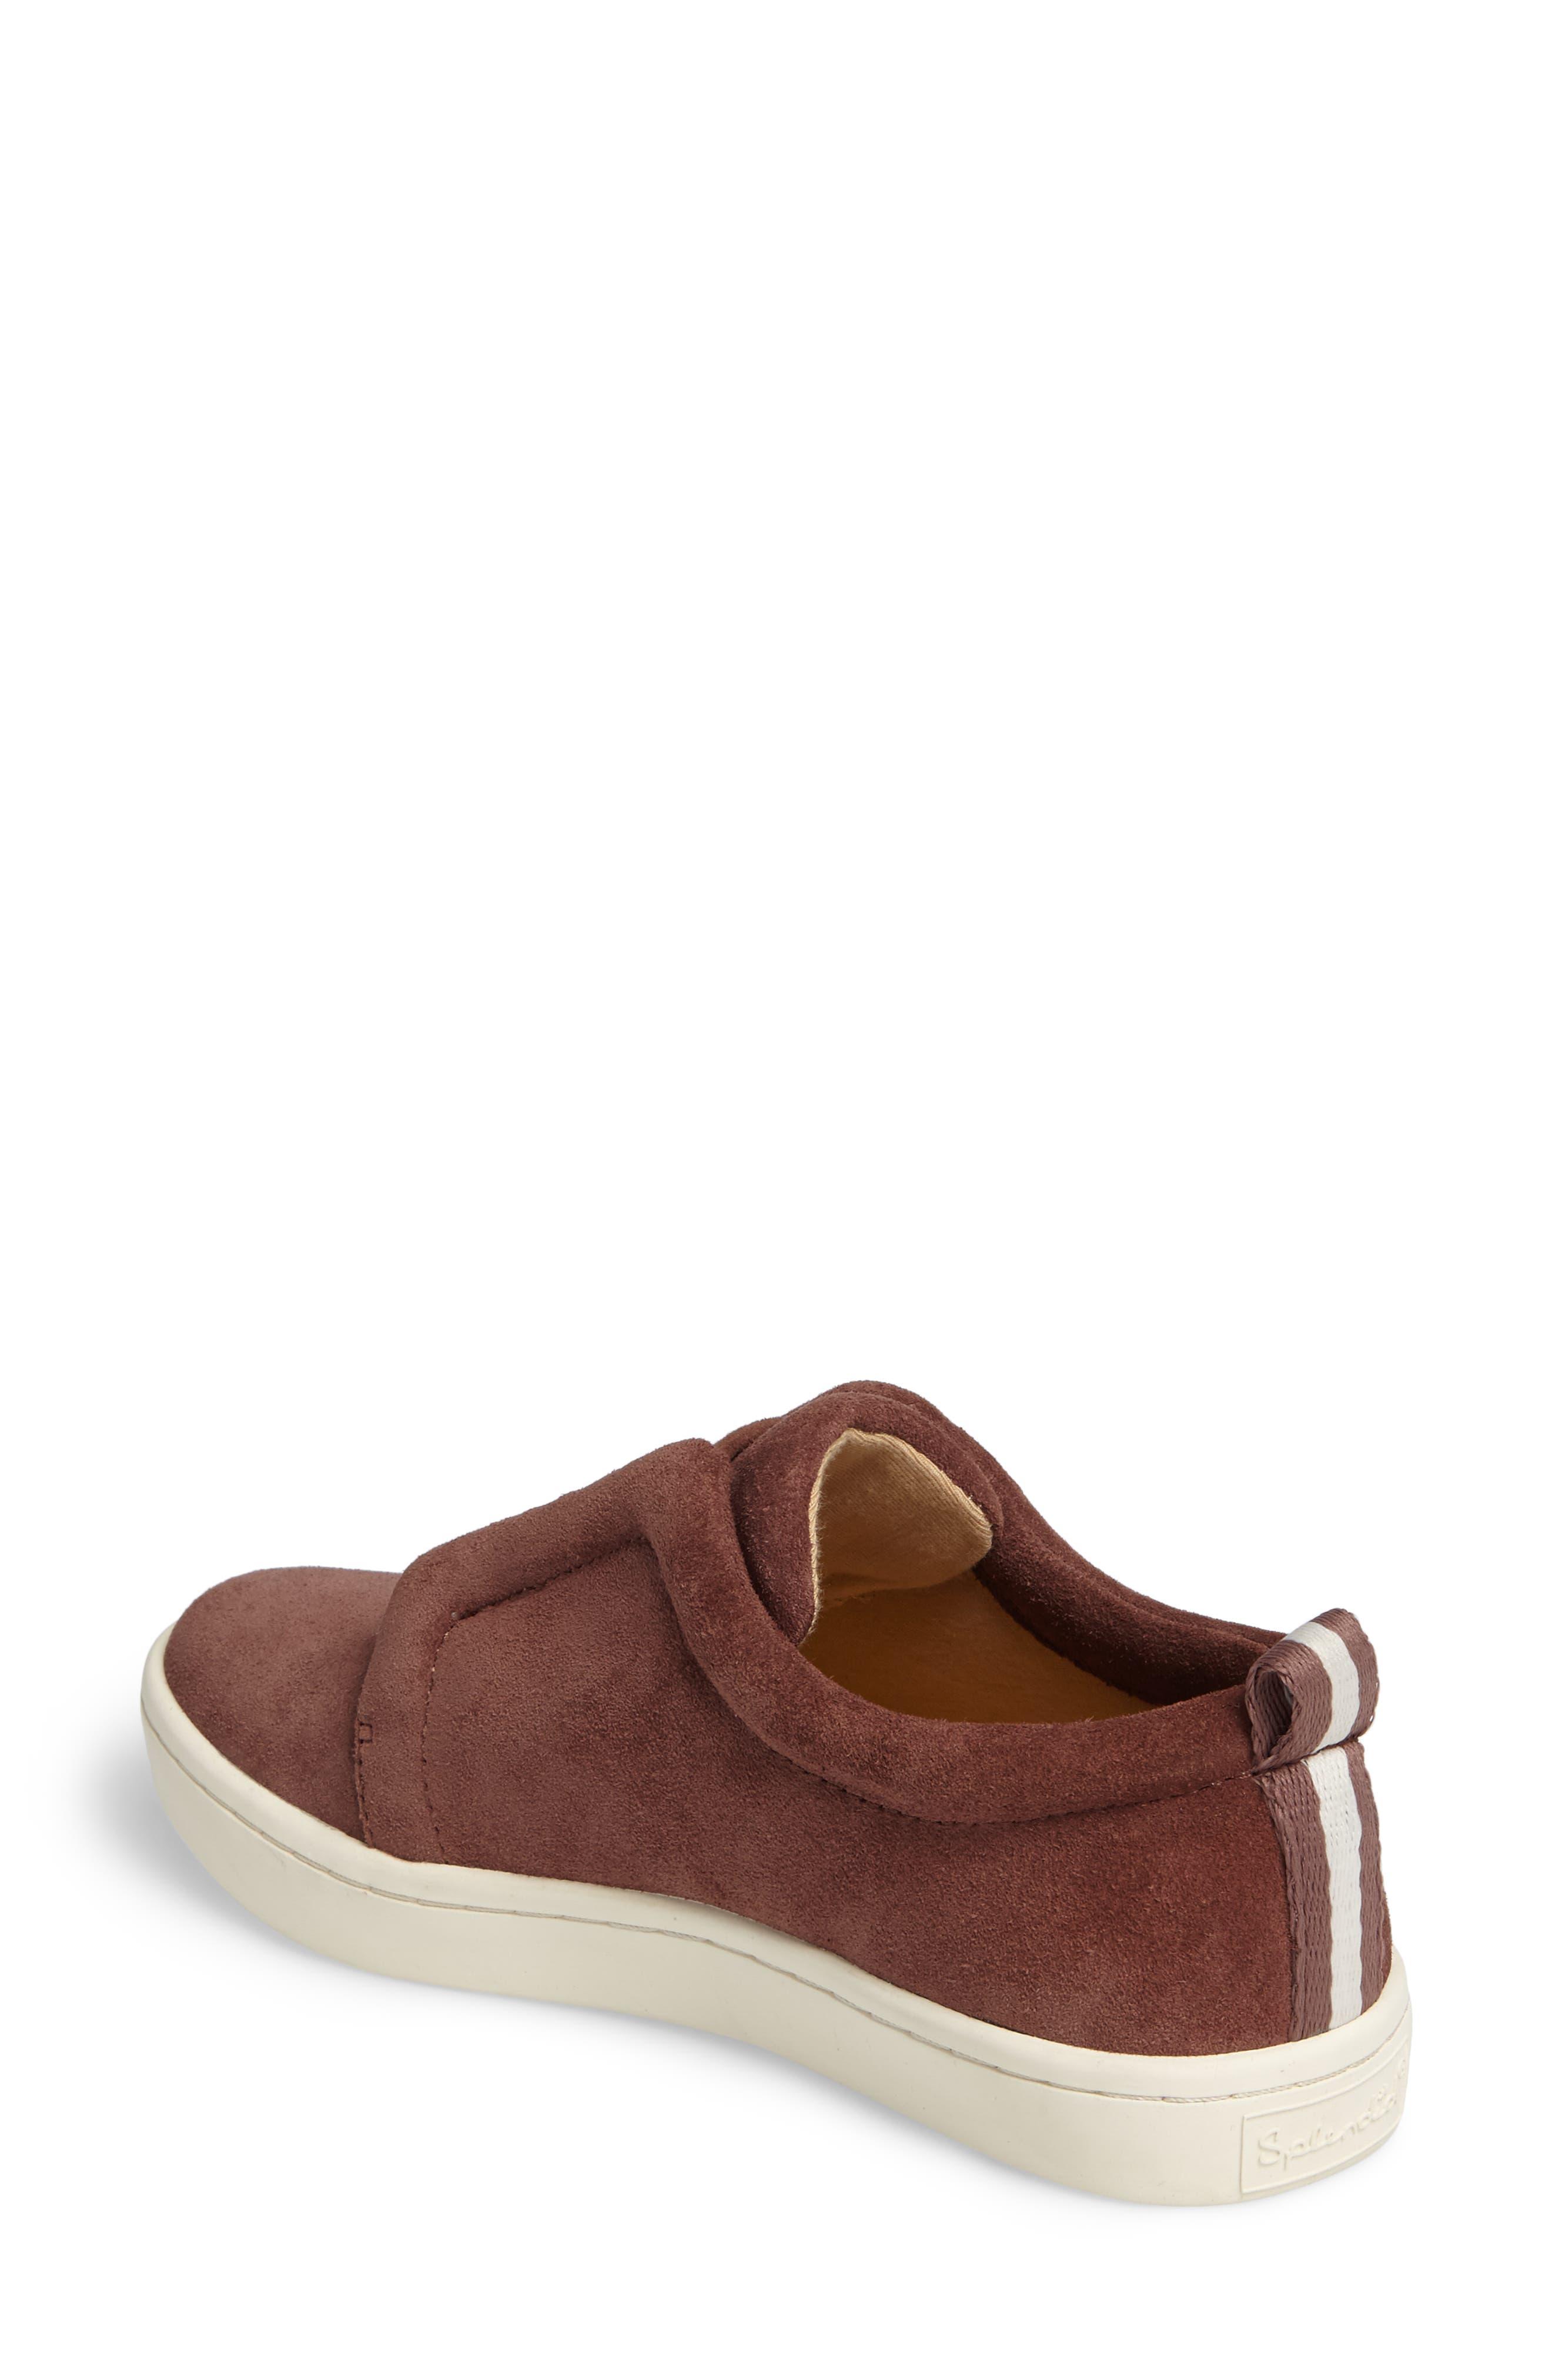 Alternate Image 2  - Splendid Dagny Slip-On Sneaker (Women)